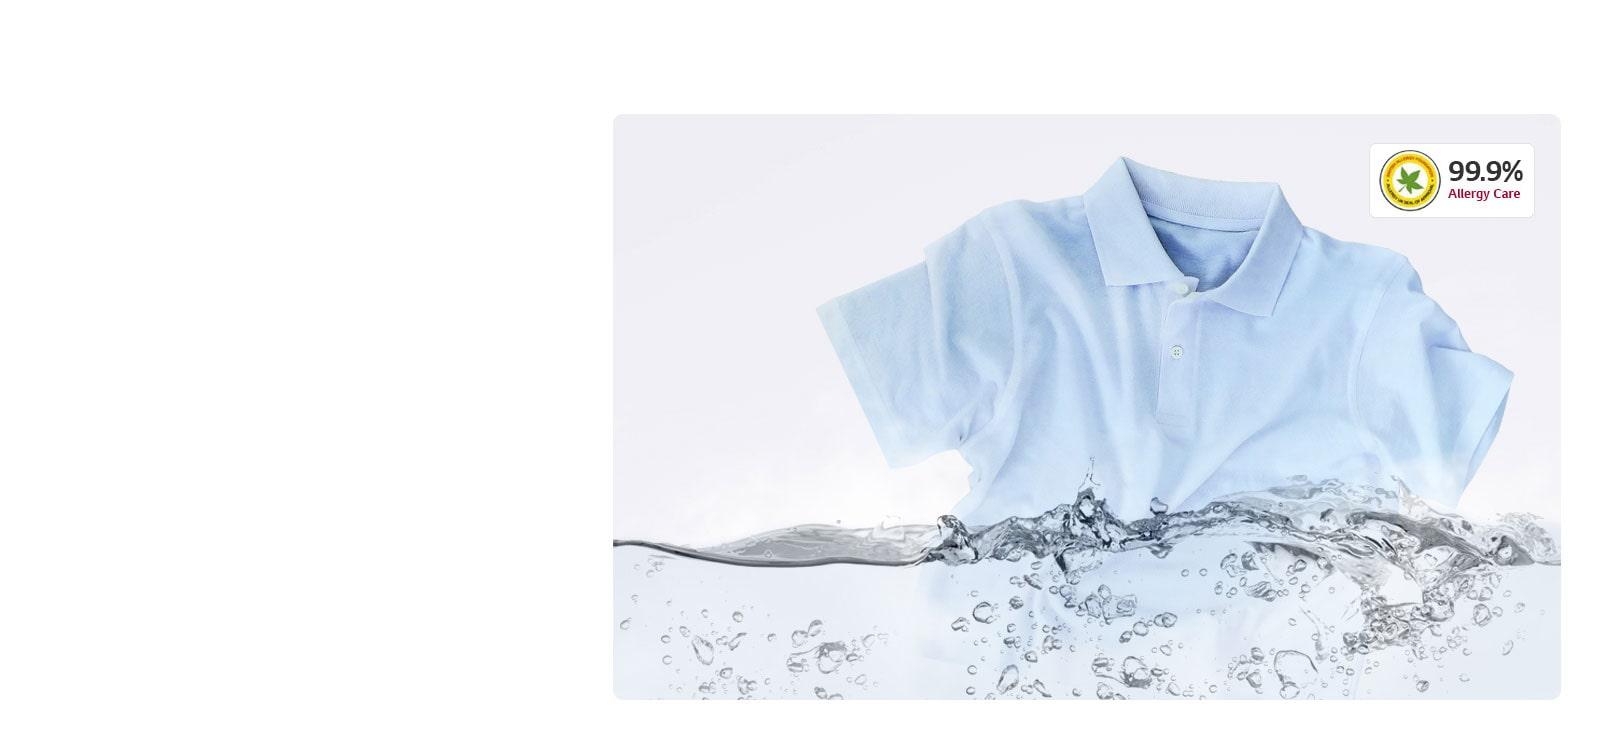 Xử lý vết bẩn và tác nhân gây dị ứng bằng hơi nước3